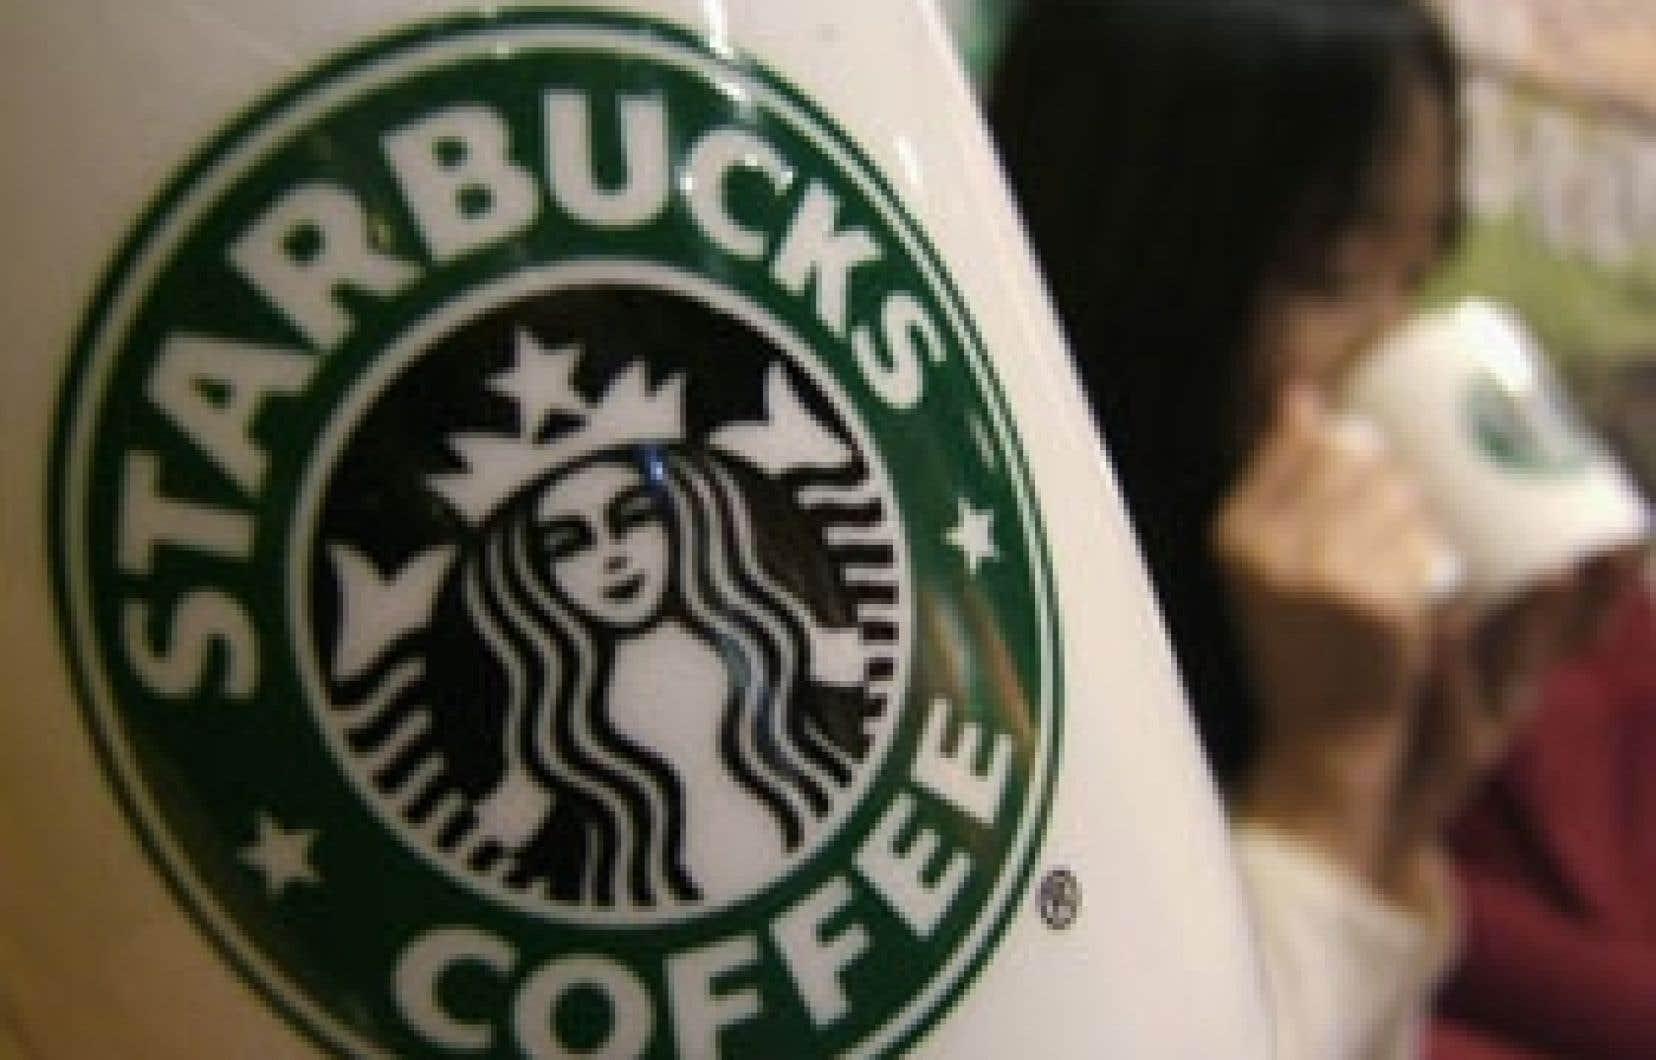 L'Éthiopie a déposé en 2005 une demande d'enregistrement de marques pour trois de ses principaux cafés. L'entreprise Starbucks, grande consommatrice de grains de café, se défend vertement de bloquer les aspirations de développement des produ